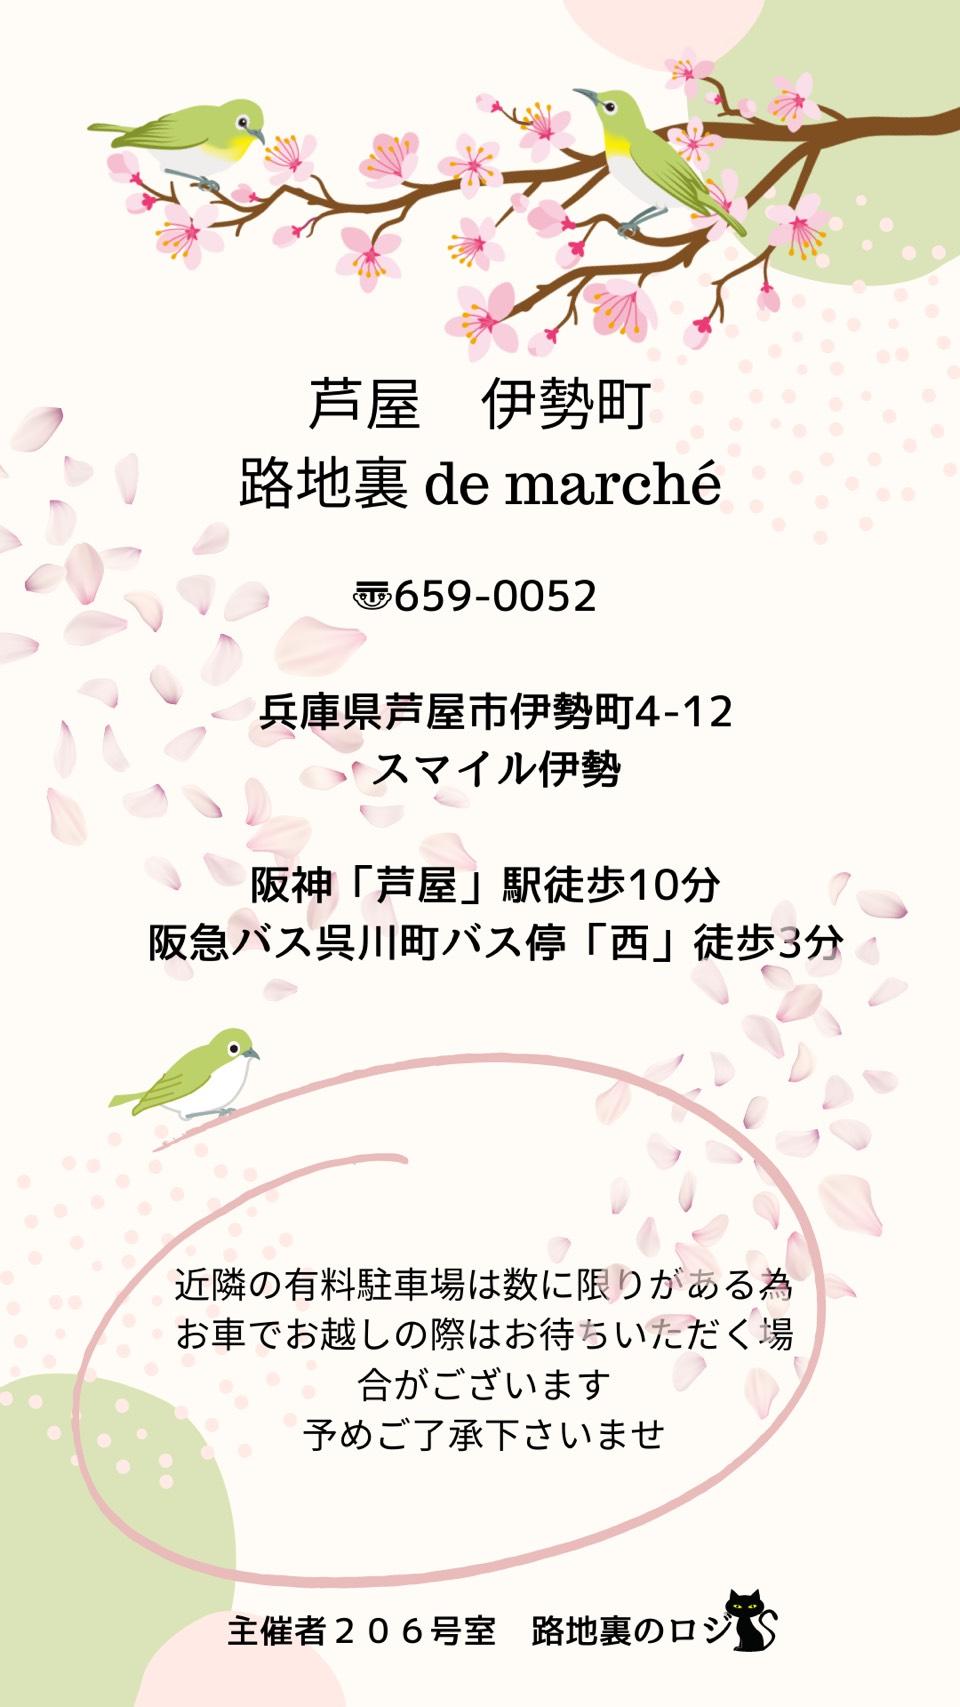 3/20.21芦屋、路地裏deマルシェに出店します。